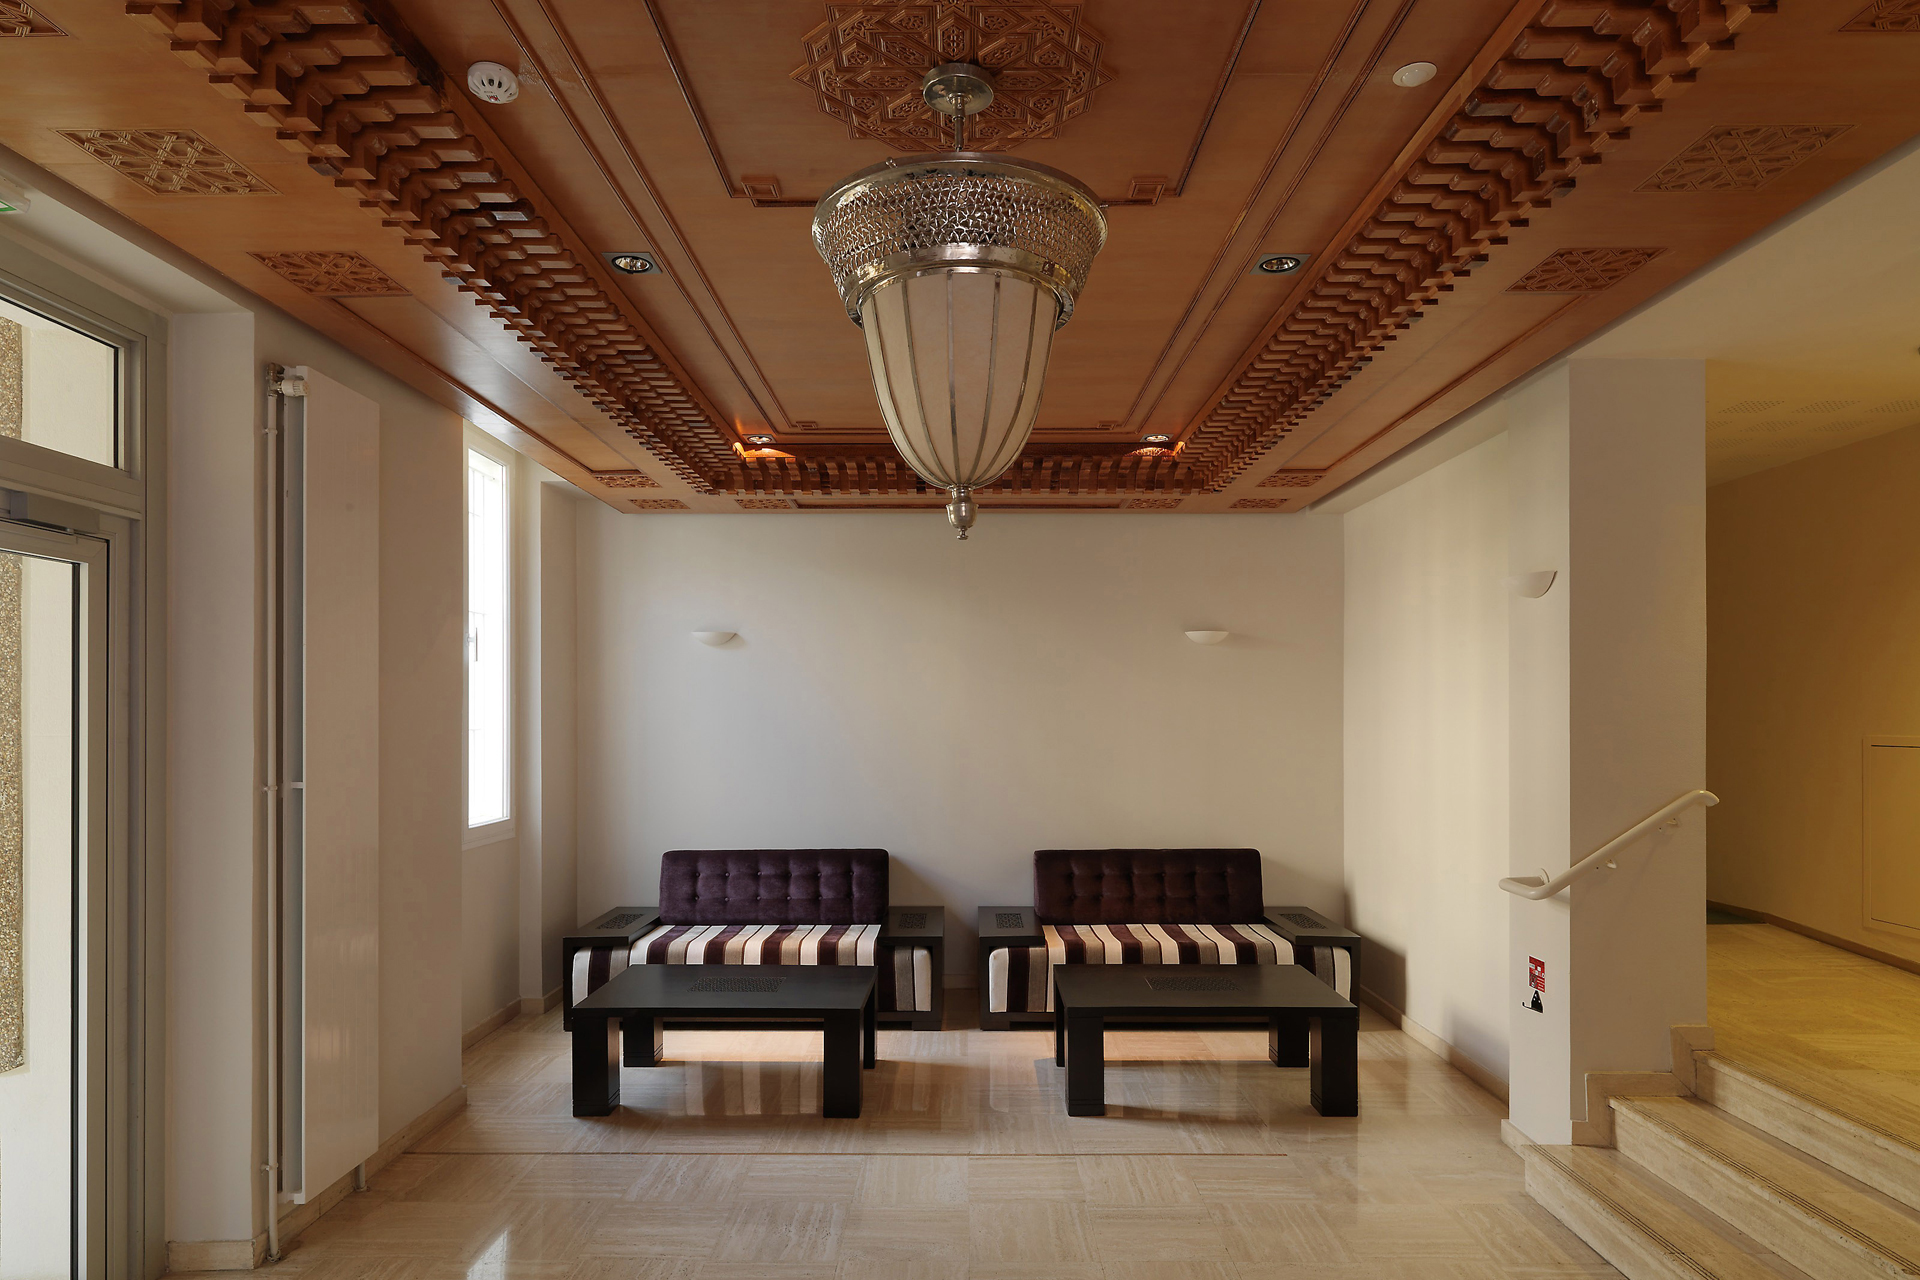 Chambres et studios u2013 fondation maison du maroc